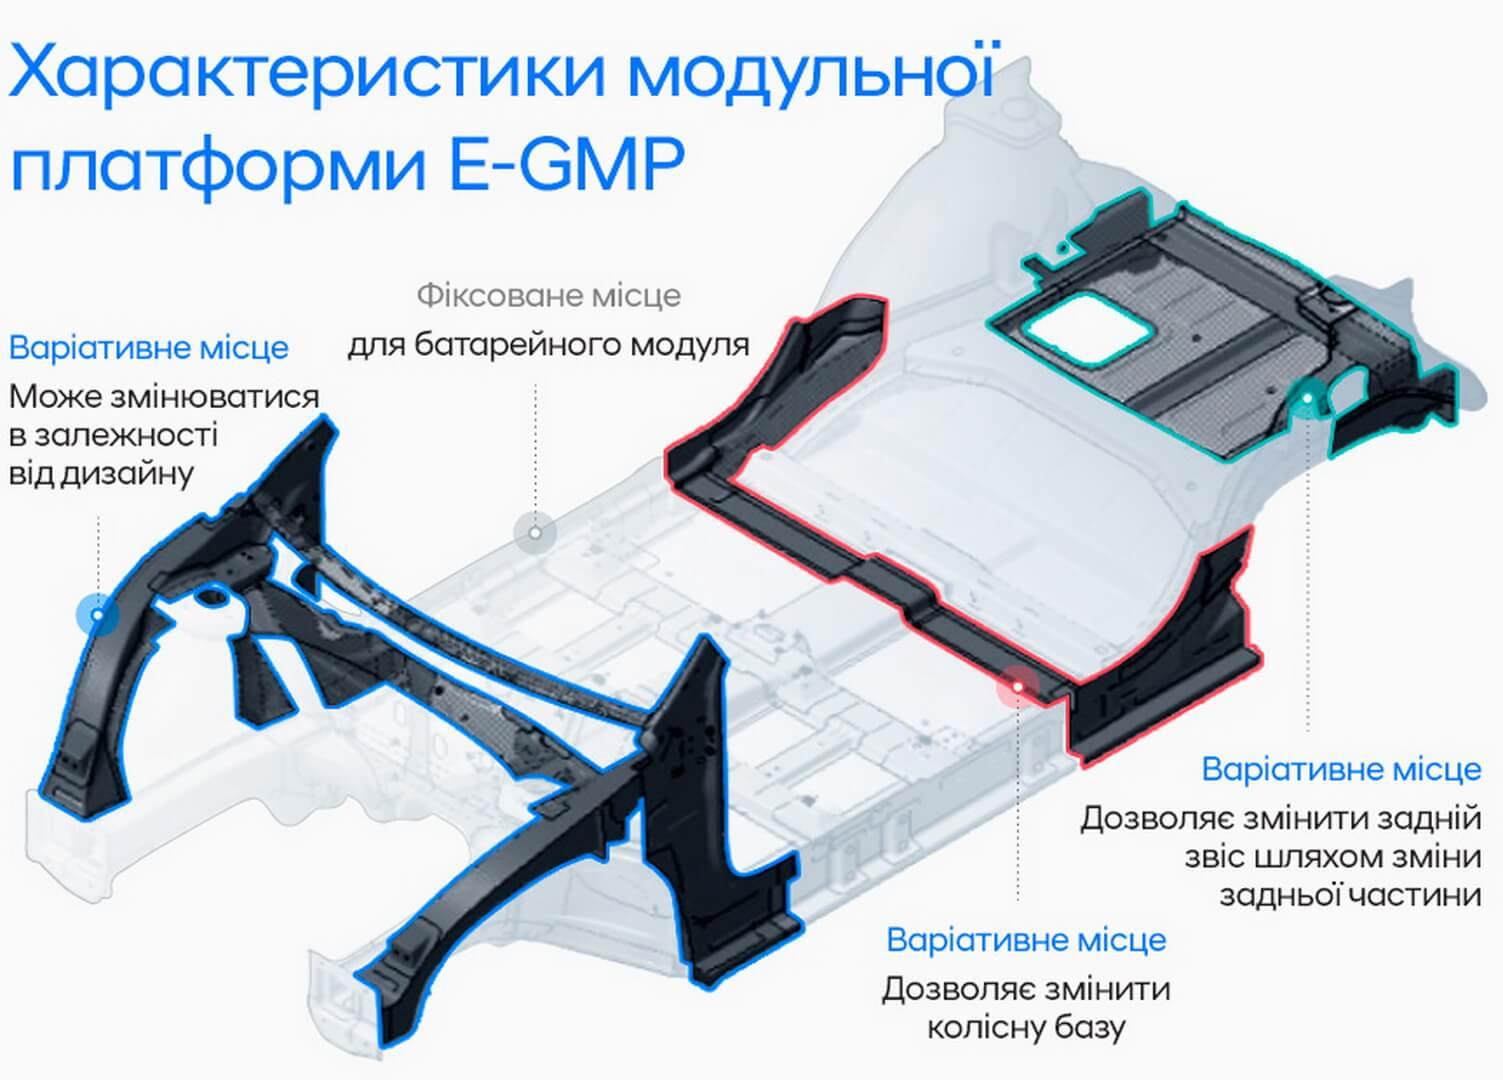 Характеристики модульної платформи E-GMP